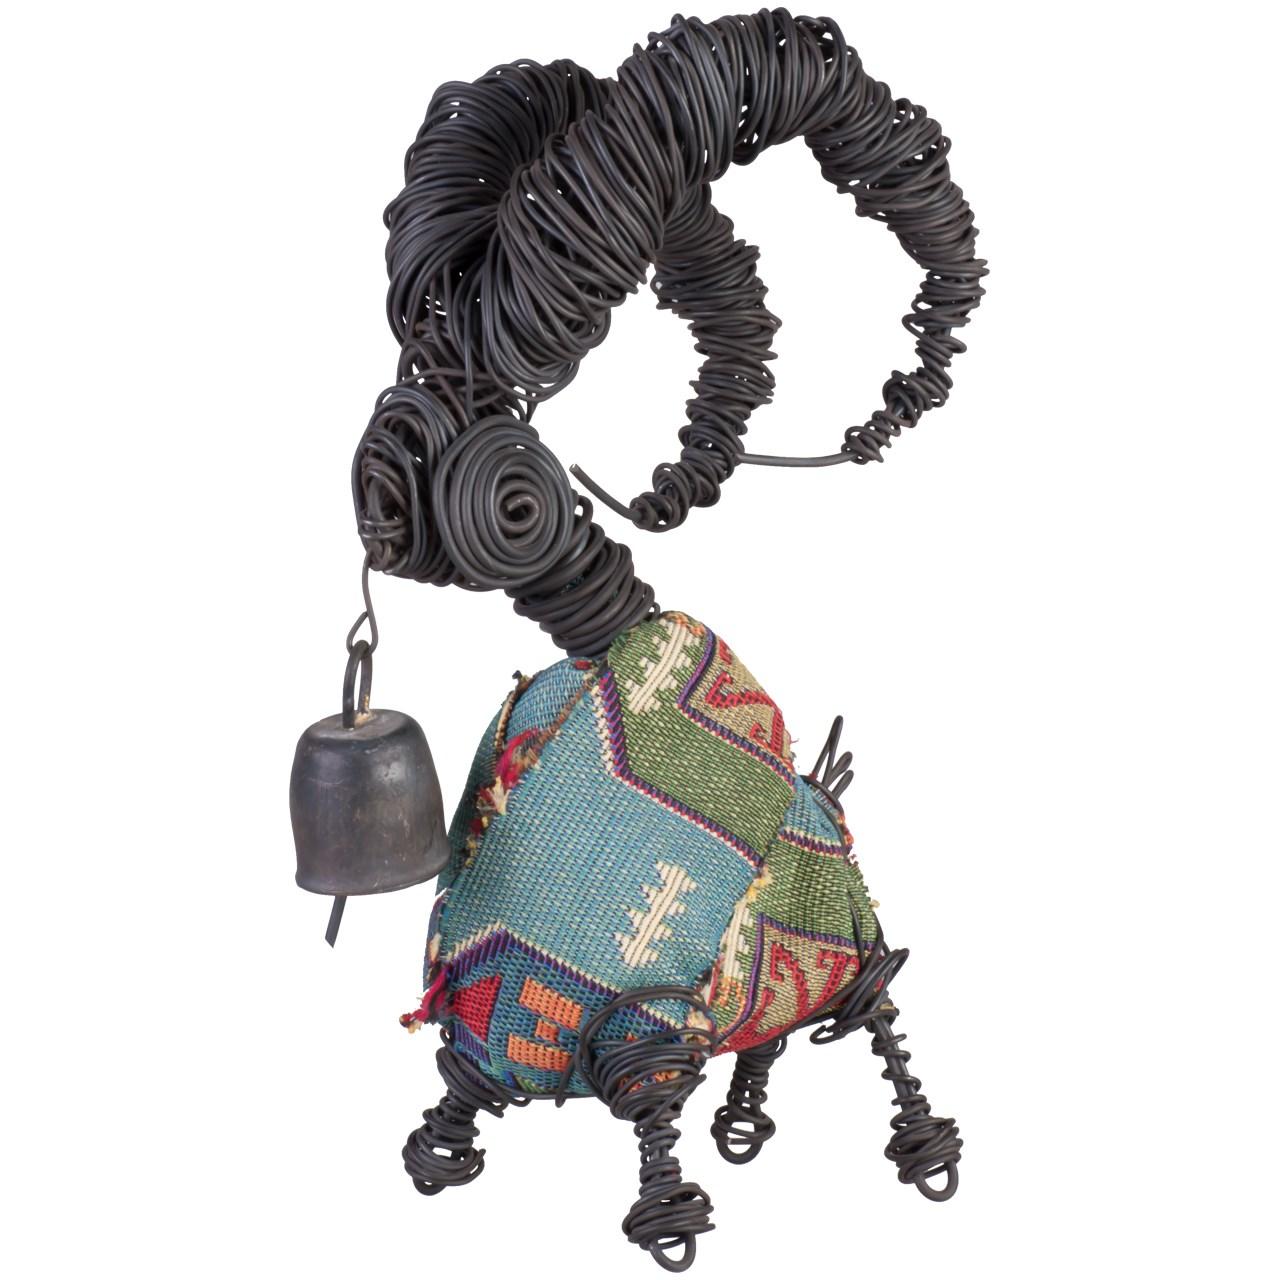 مجسمه جاوید مدل بز زنگوله ای لباس دار